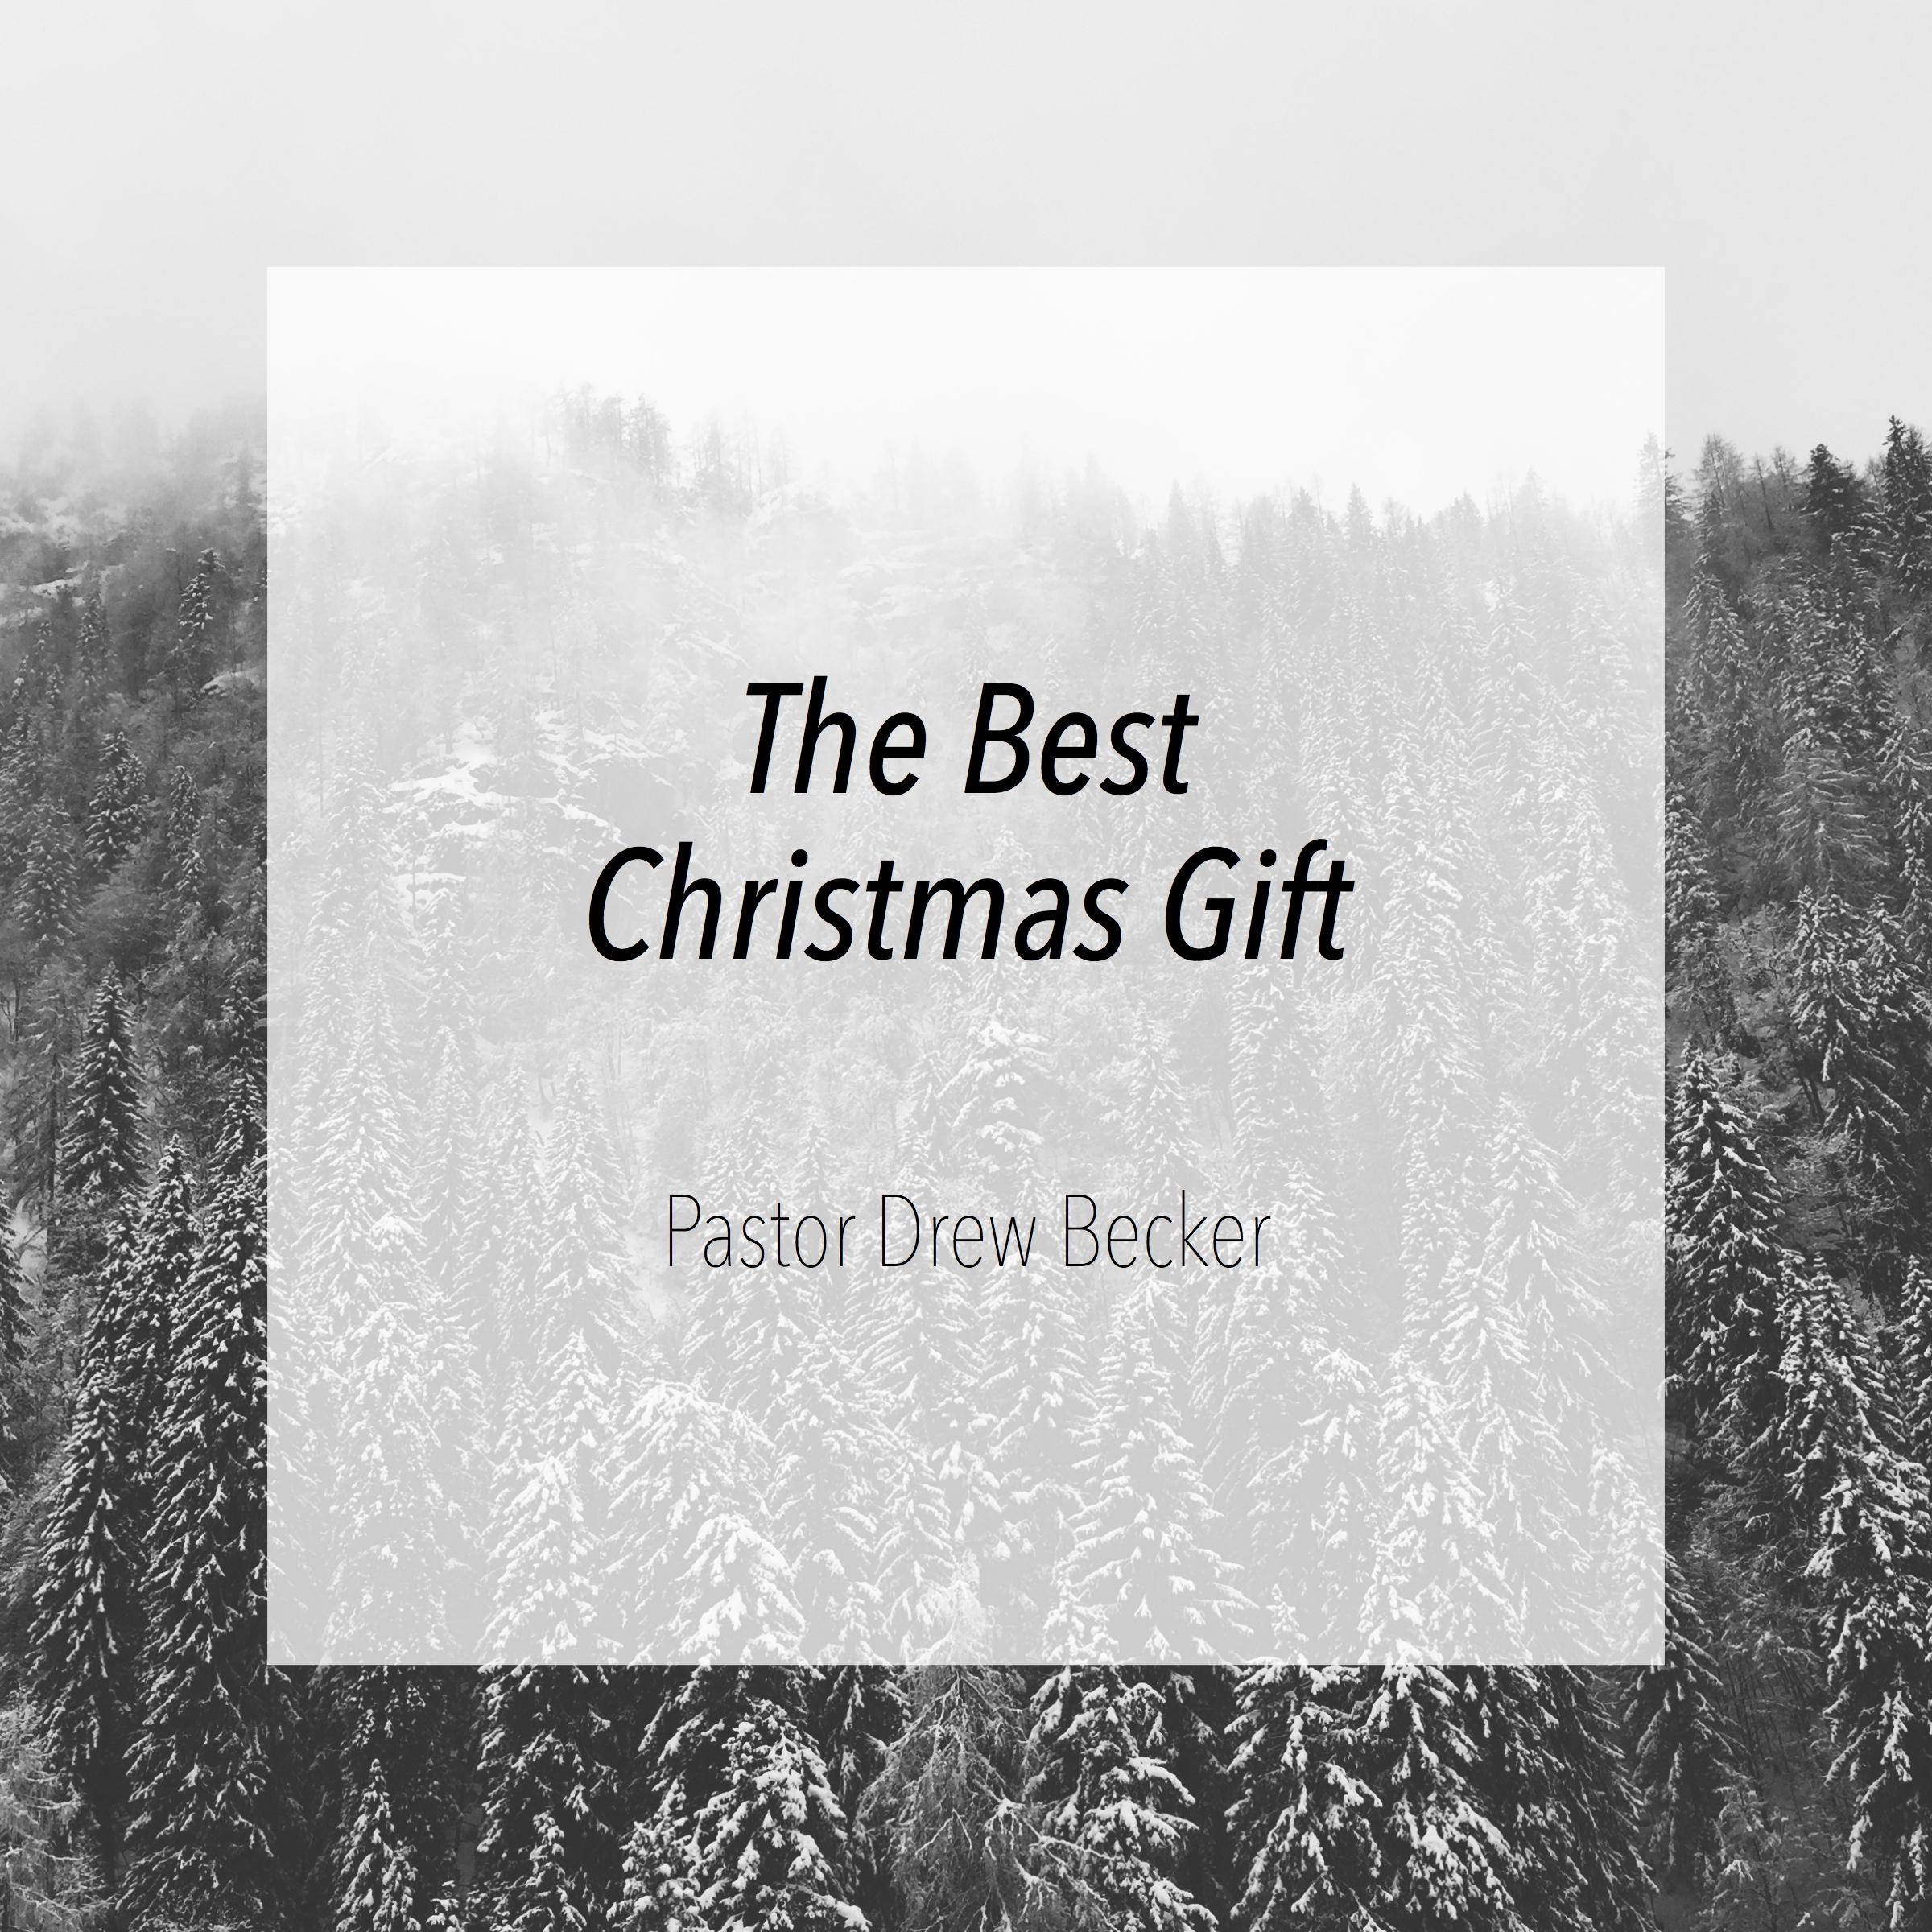 The Best Christmas Gift.jpg